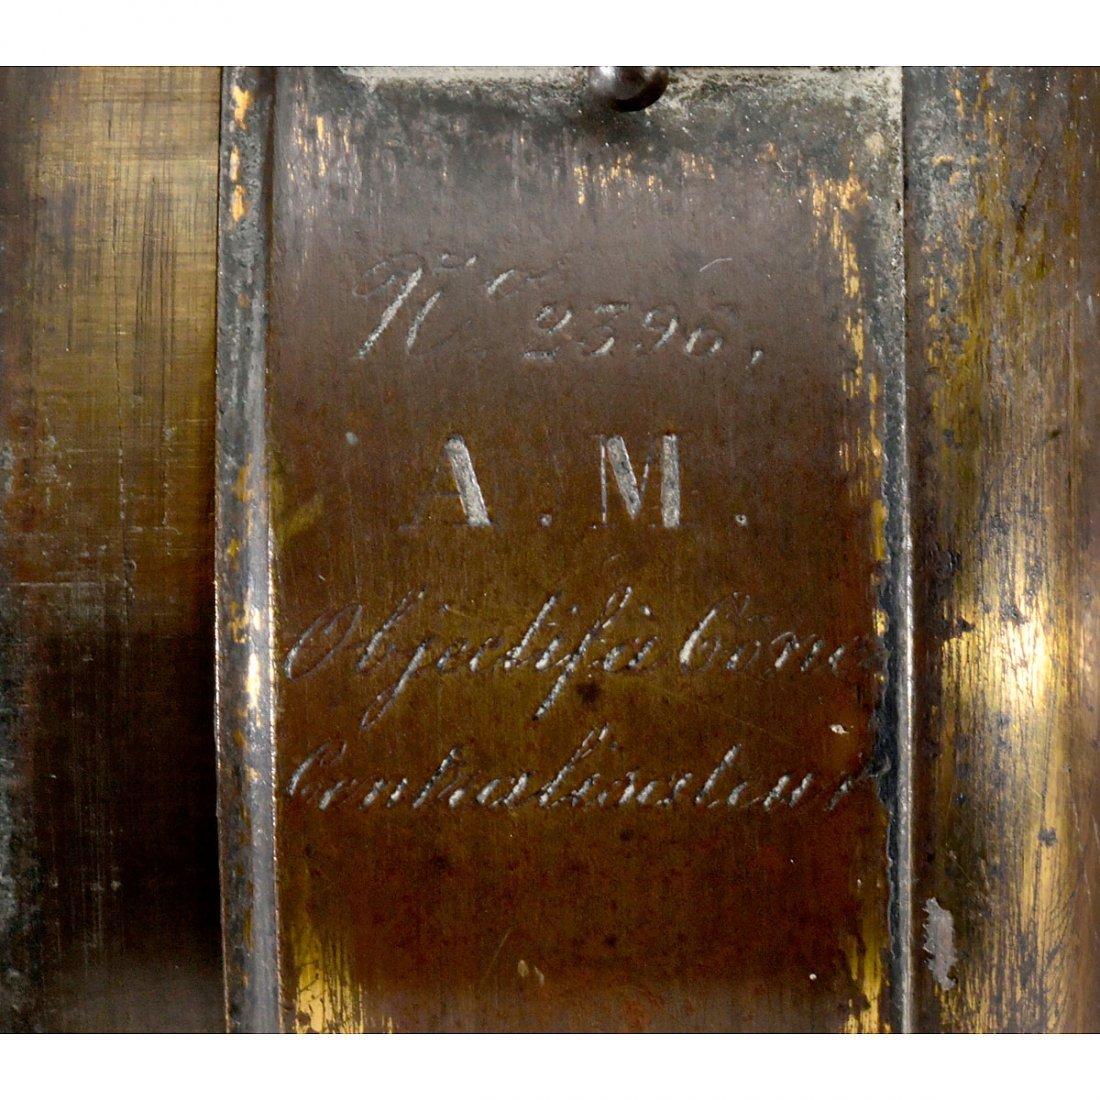 A.M. Objectif à Cone Centralisateur, c. 1860 - 2